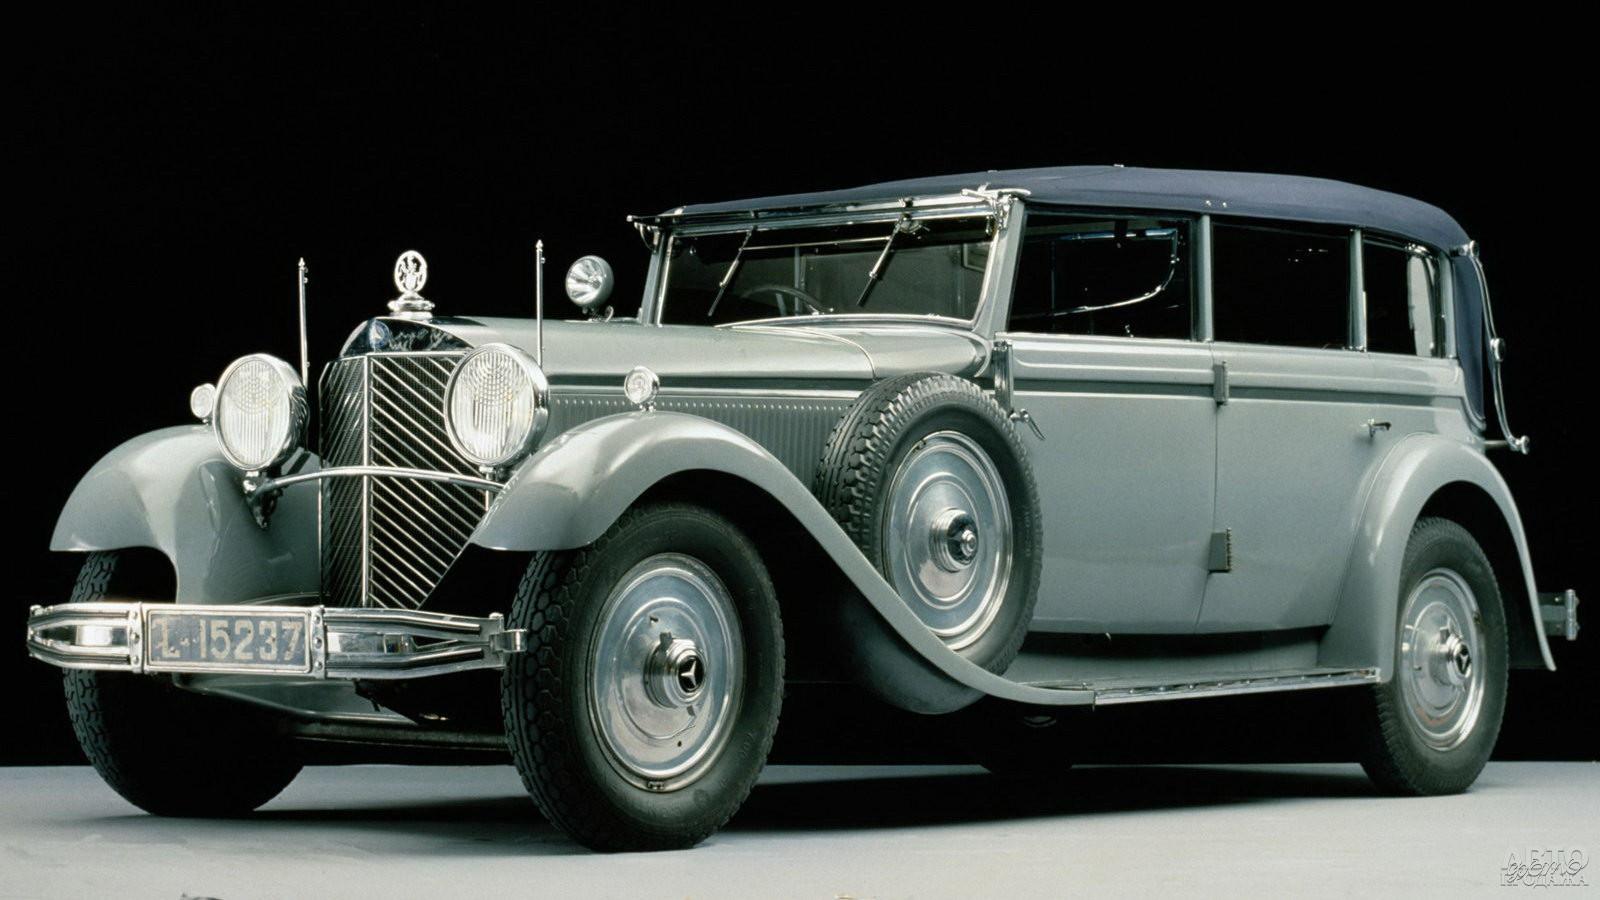 Mеrcedes-Benz 770 K 1930 года принадлежал кайзеру Германии Вильгельму II